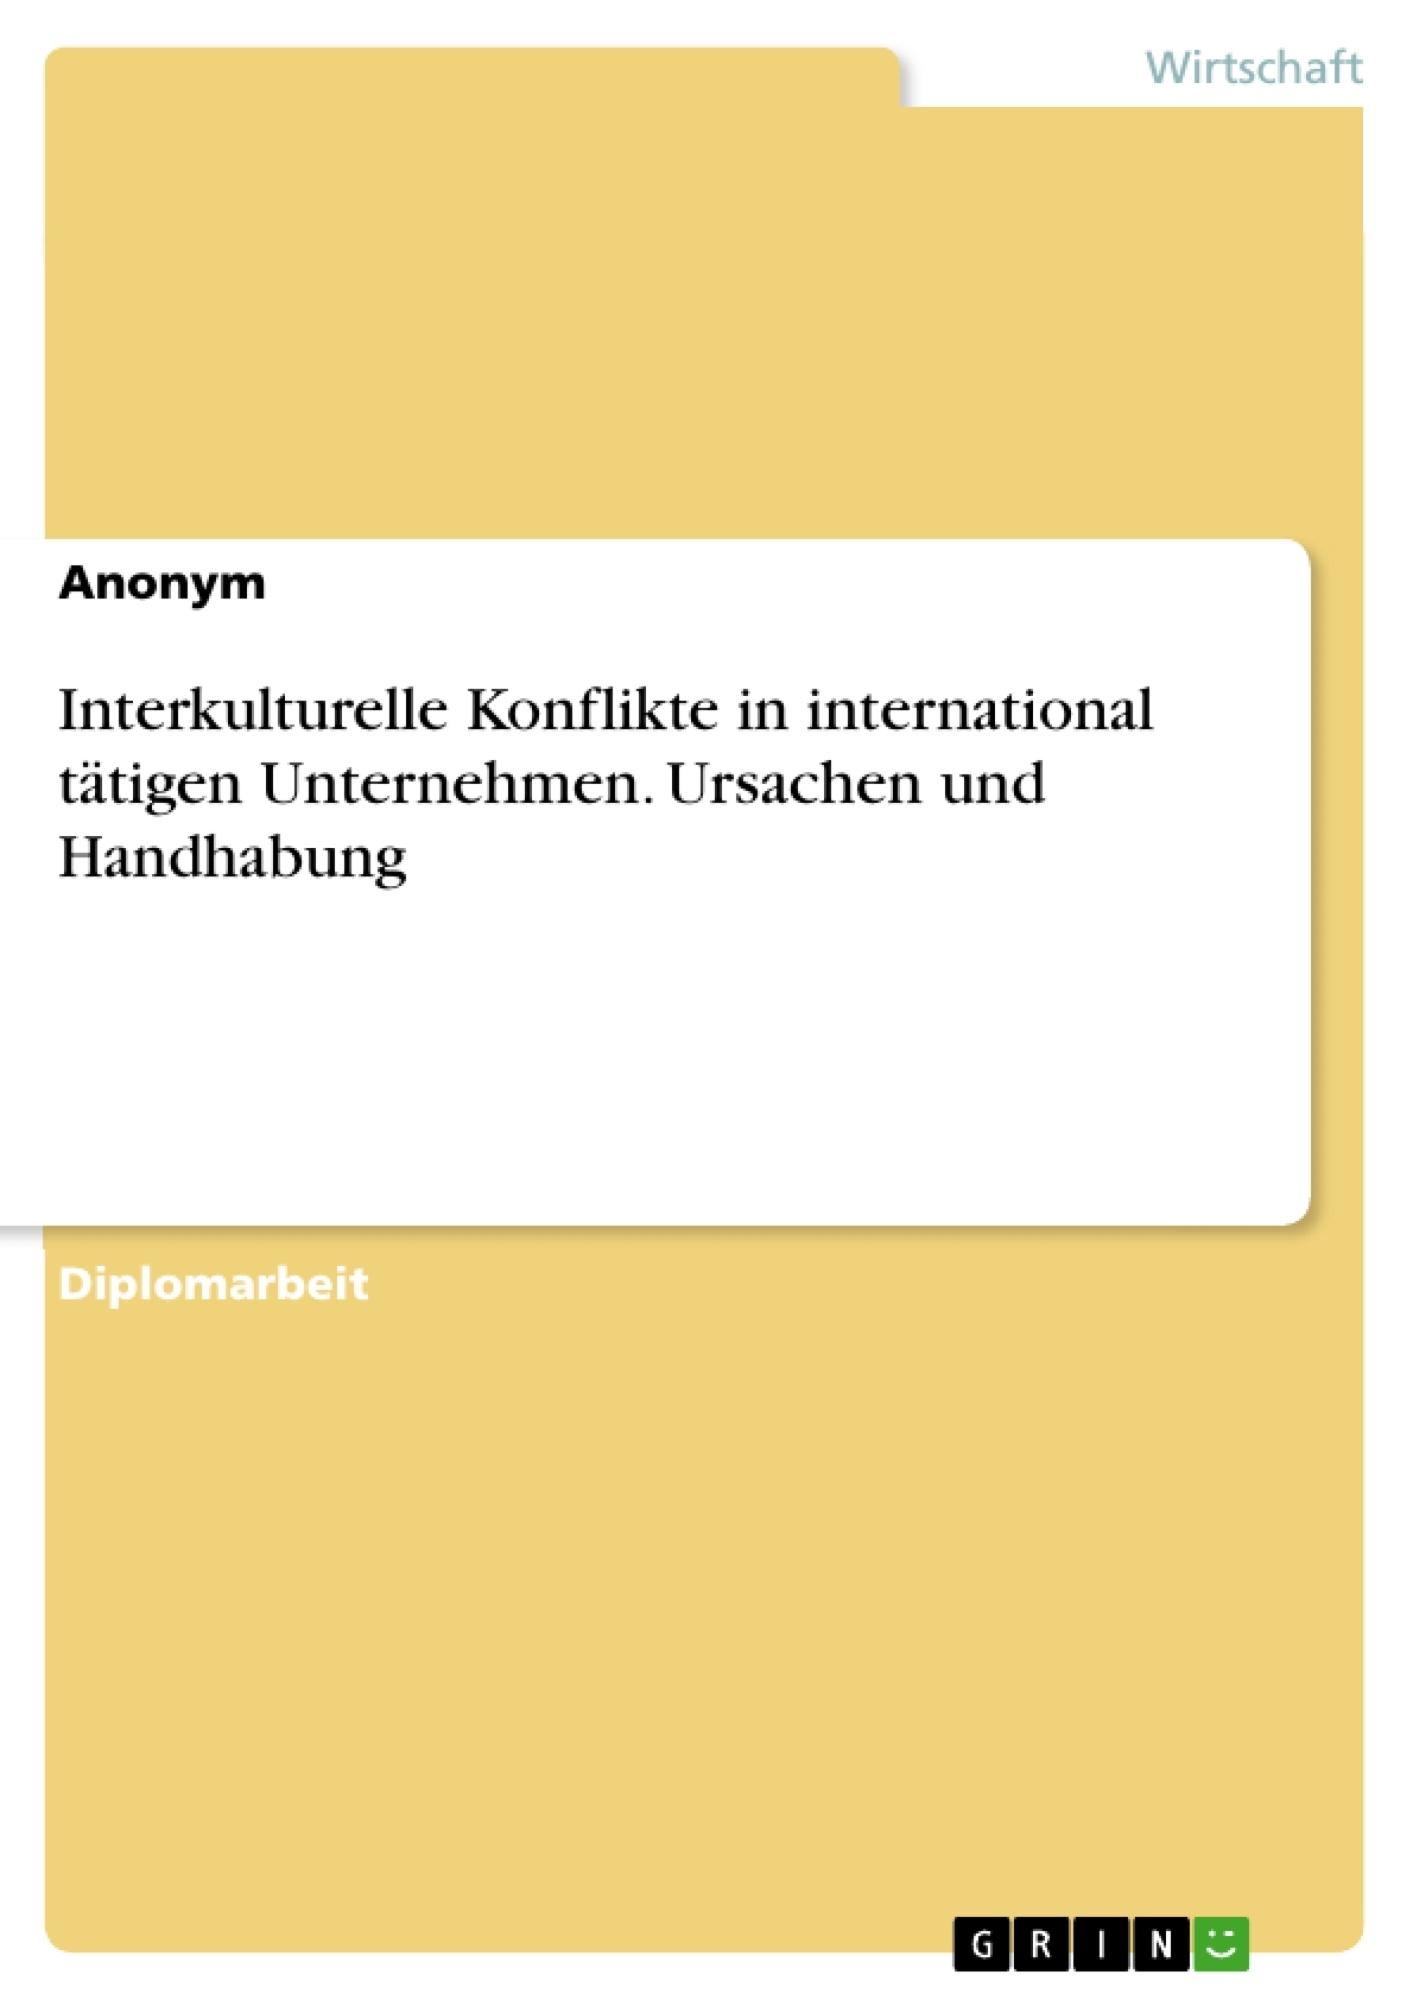 Titel: Interkulturelle Konflikte in international tätigen Unternehmen. Ursachen und Handhabung